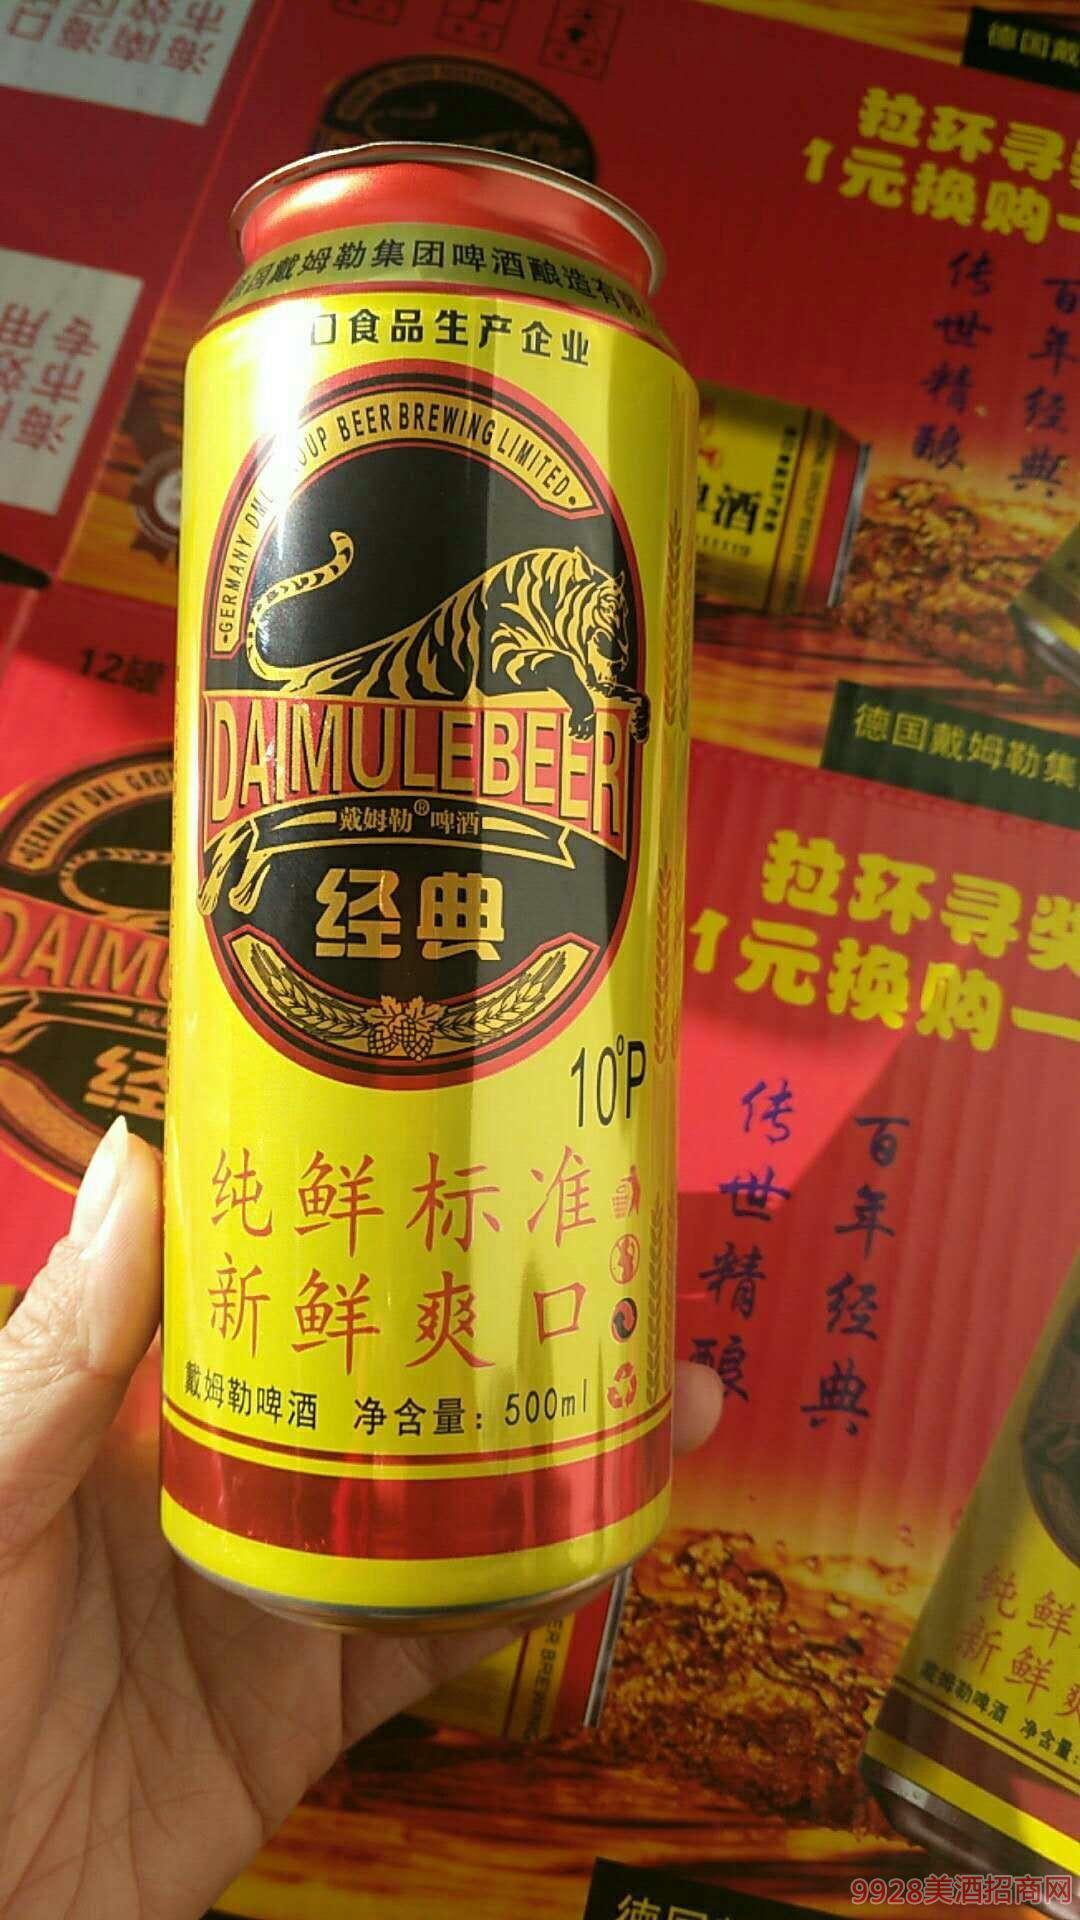 戴姆勒经典啤酒10度500ml